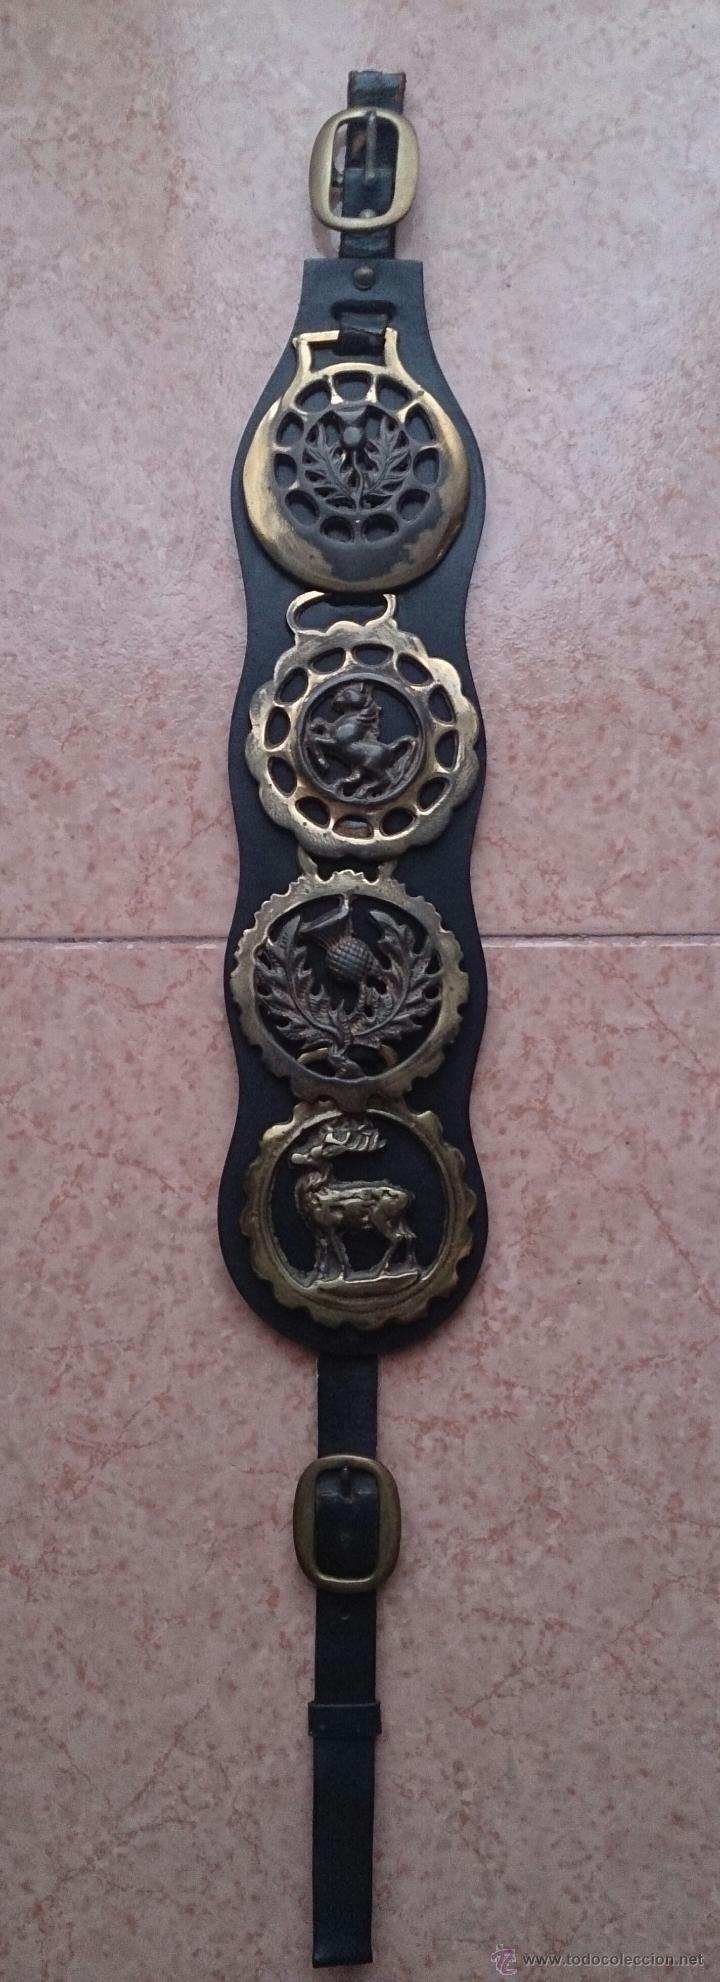 Antigüedades: Juego antiguo de cuatro camas de freno jaez en bronce cincelado diferentes motivos . - Foto 8 - 50174798